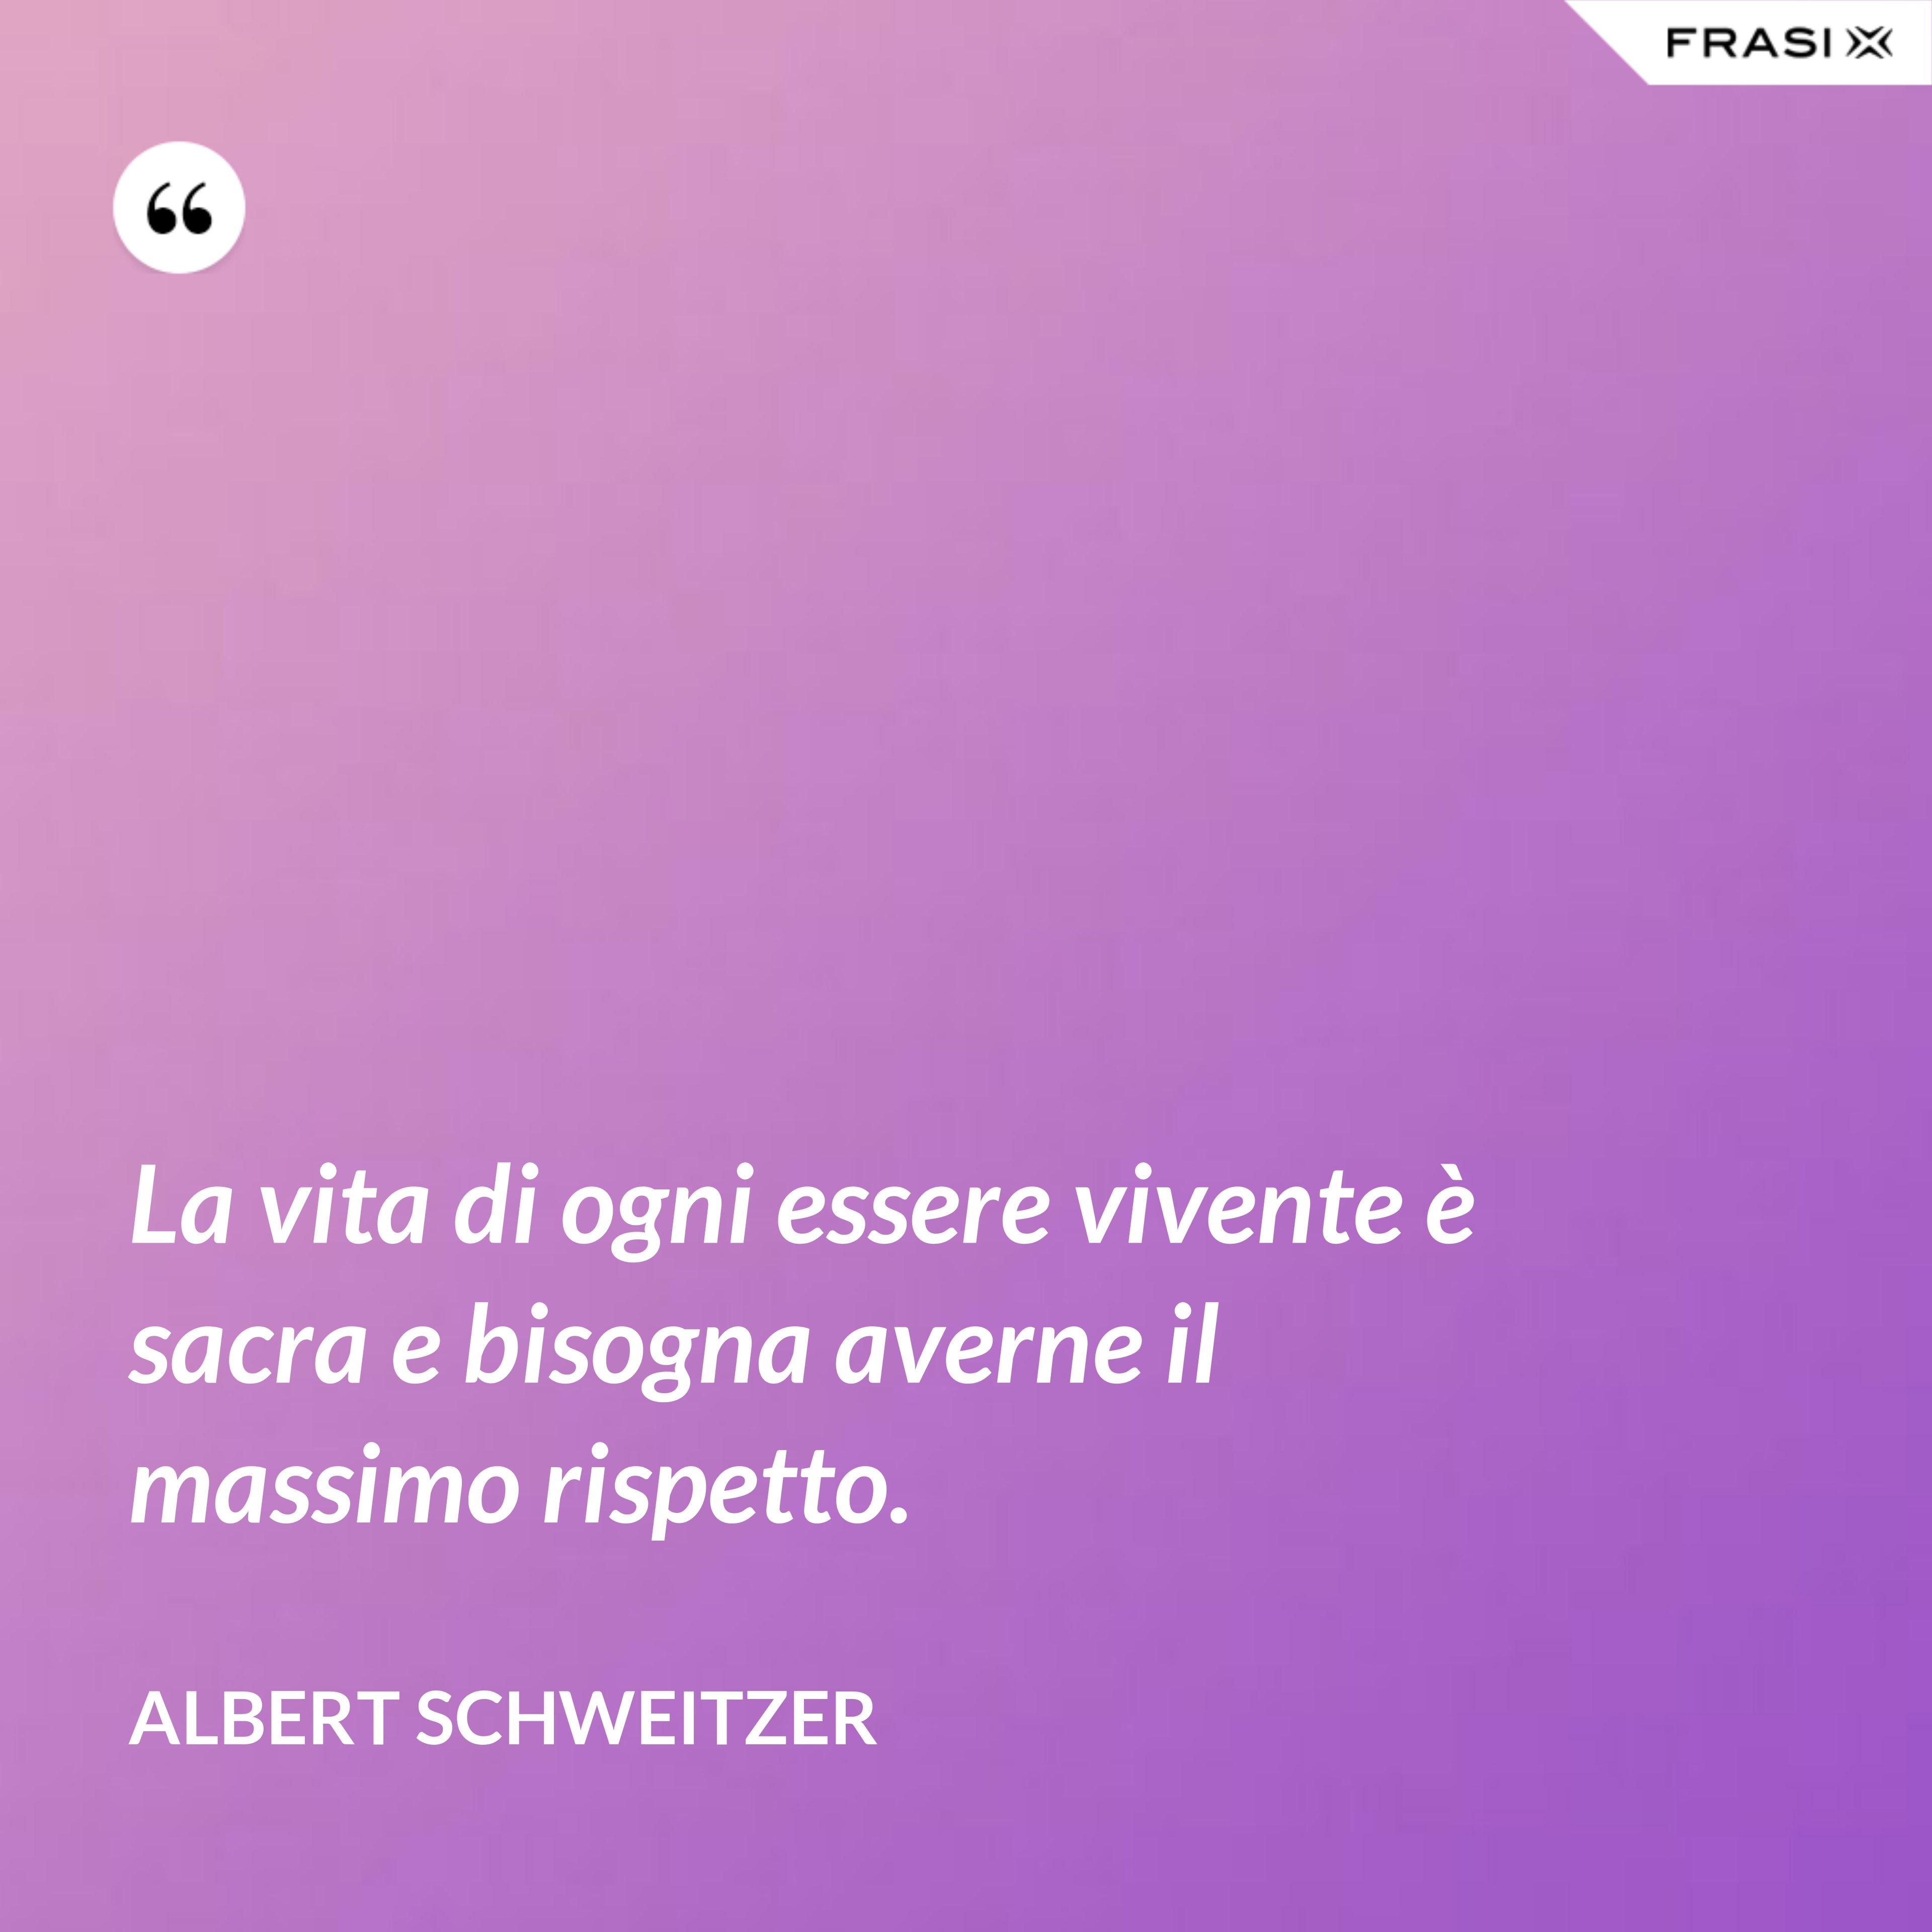 La vita di ogni essere vivente è sacra e bisogna averne il massimo rispetto. - Albert Schweitzer